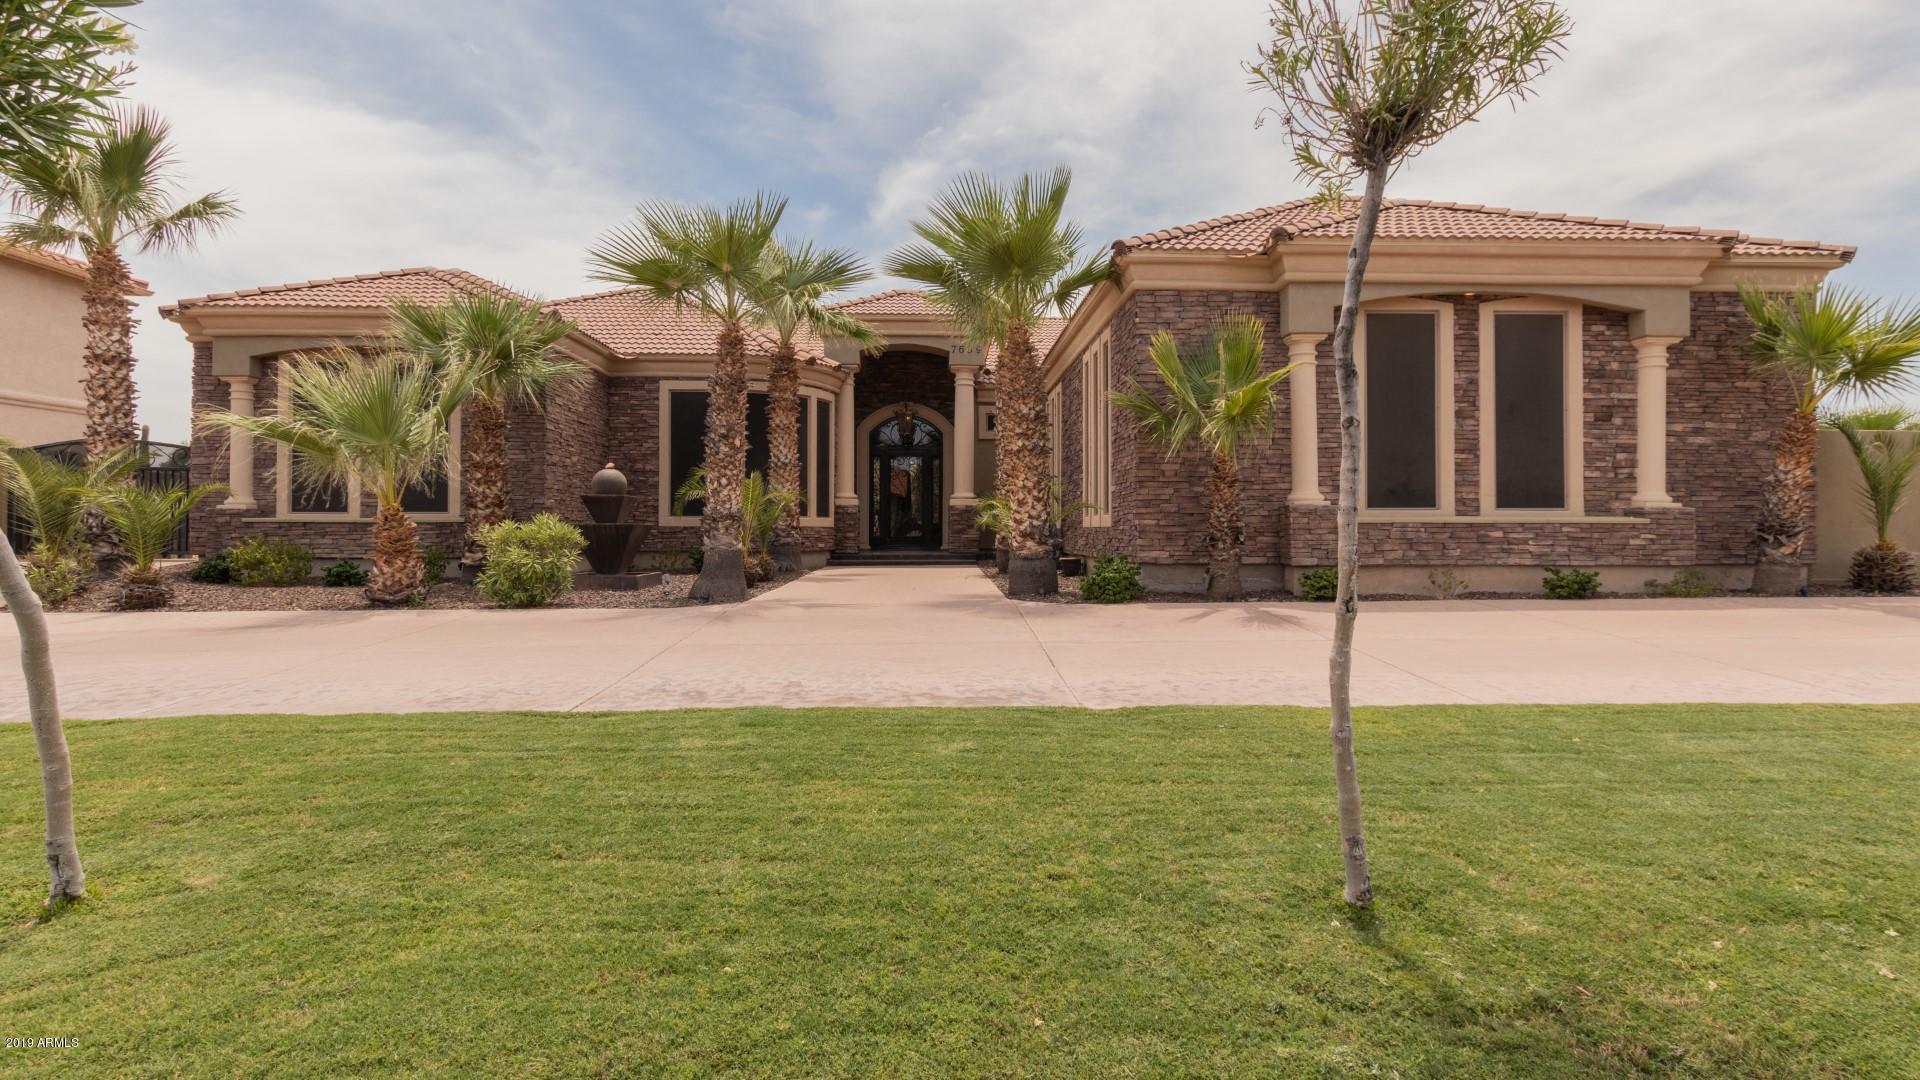 Photo of 7639 W LIBBY Street, Glendale, AZ 85308